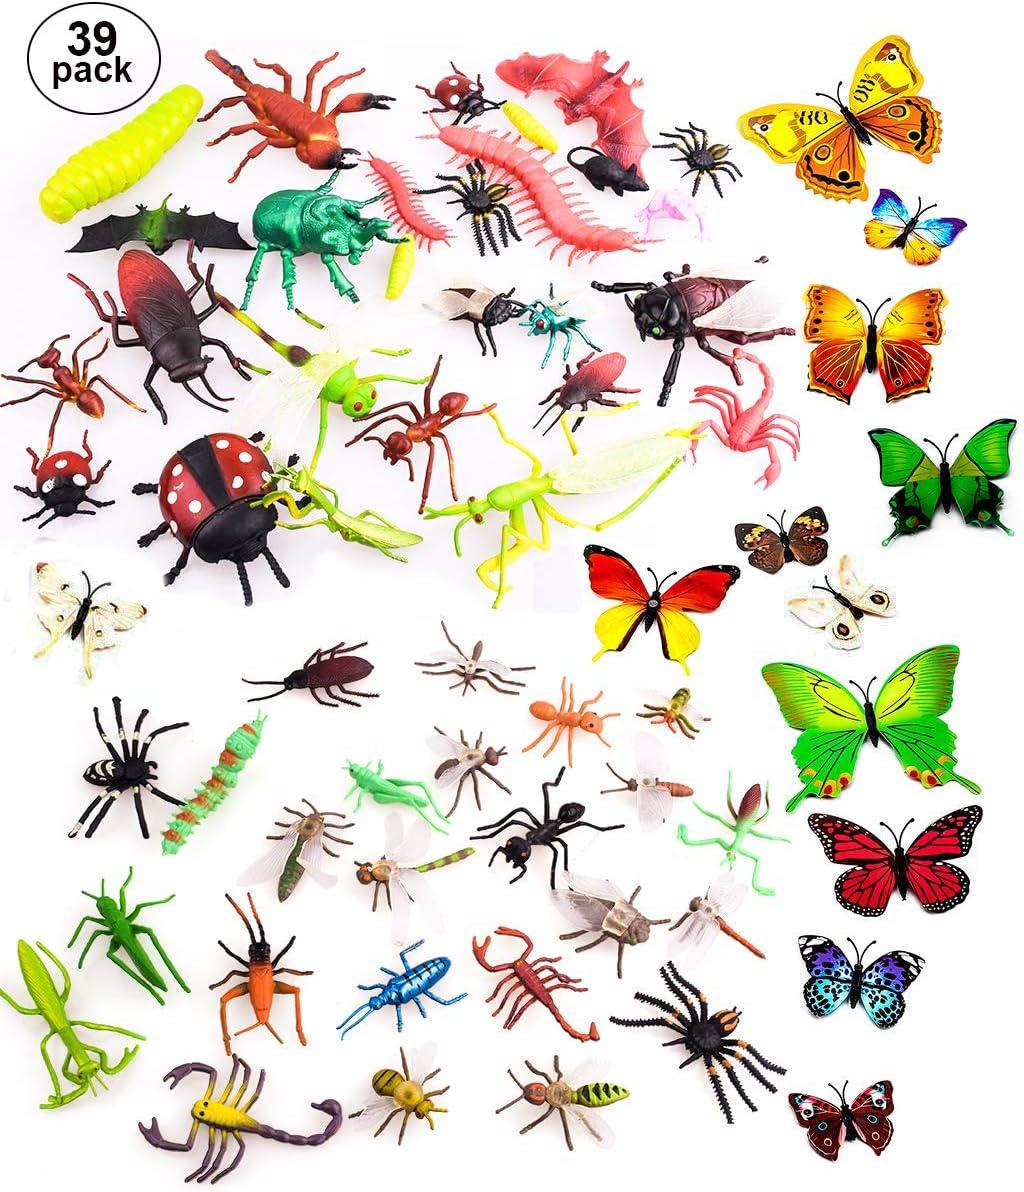 OOTSR 39pcs Insectos e Insectos de plástico para niños, Figuras de Insectos Juguetes con Pegatina de Pared Colorida Mariposa para educación/Juguetes de Halloween/Fiestas temáticas/Regalos cumpleaños